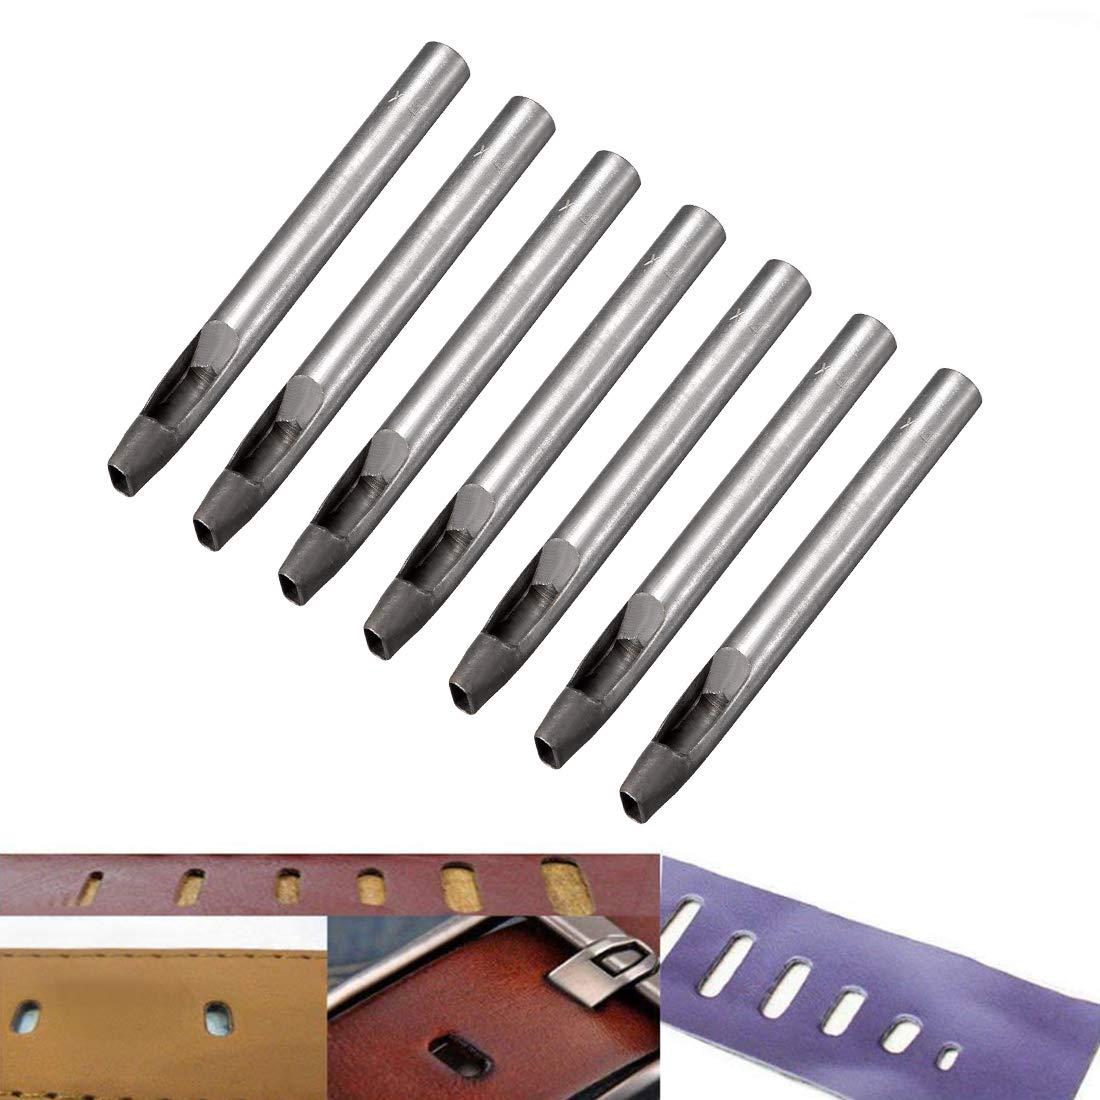 sourcing map Perforador ovalado de acero para perforar/cuero artesanal de 9,5 mm x 3,8 mm para cintur/ón de cuero